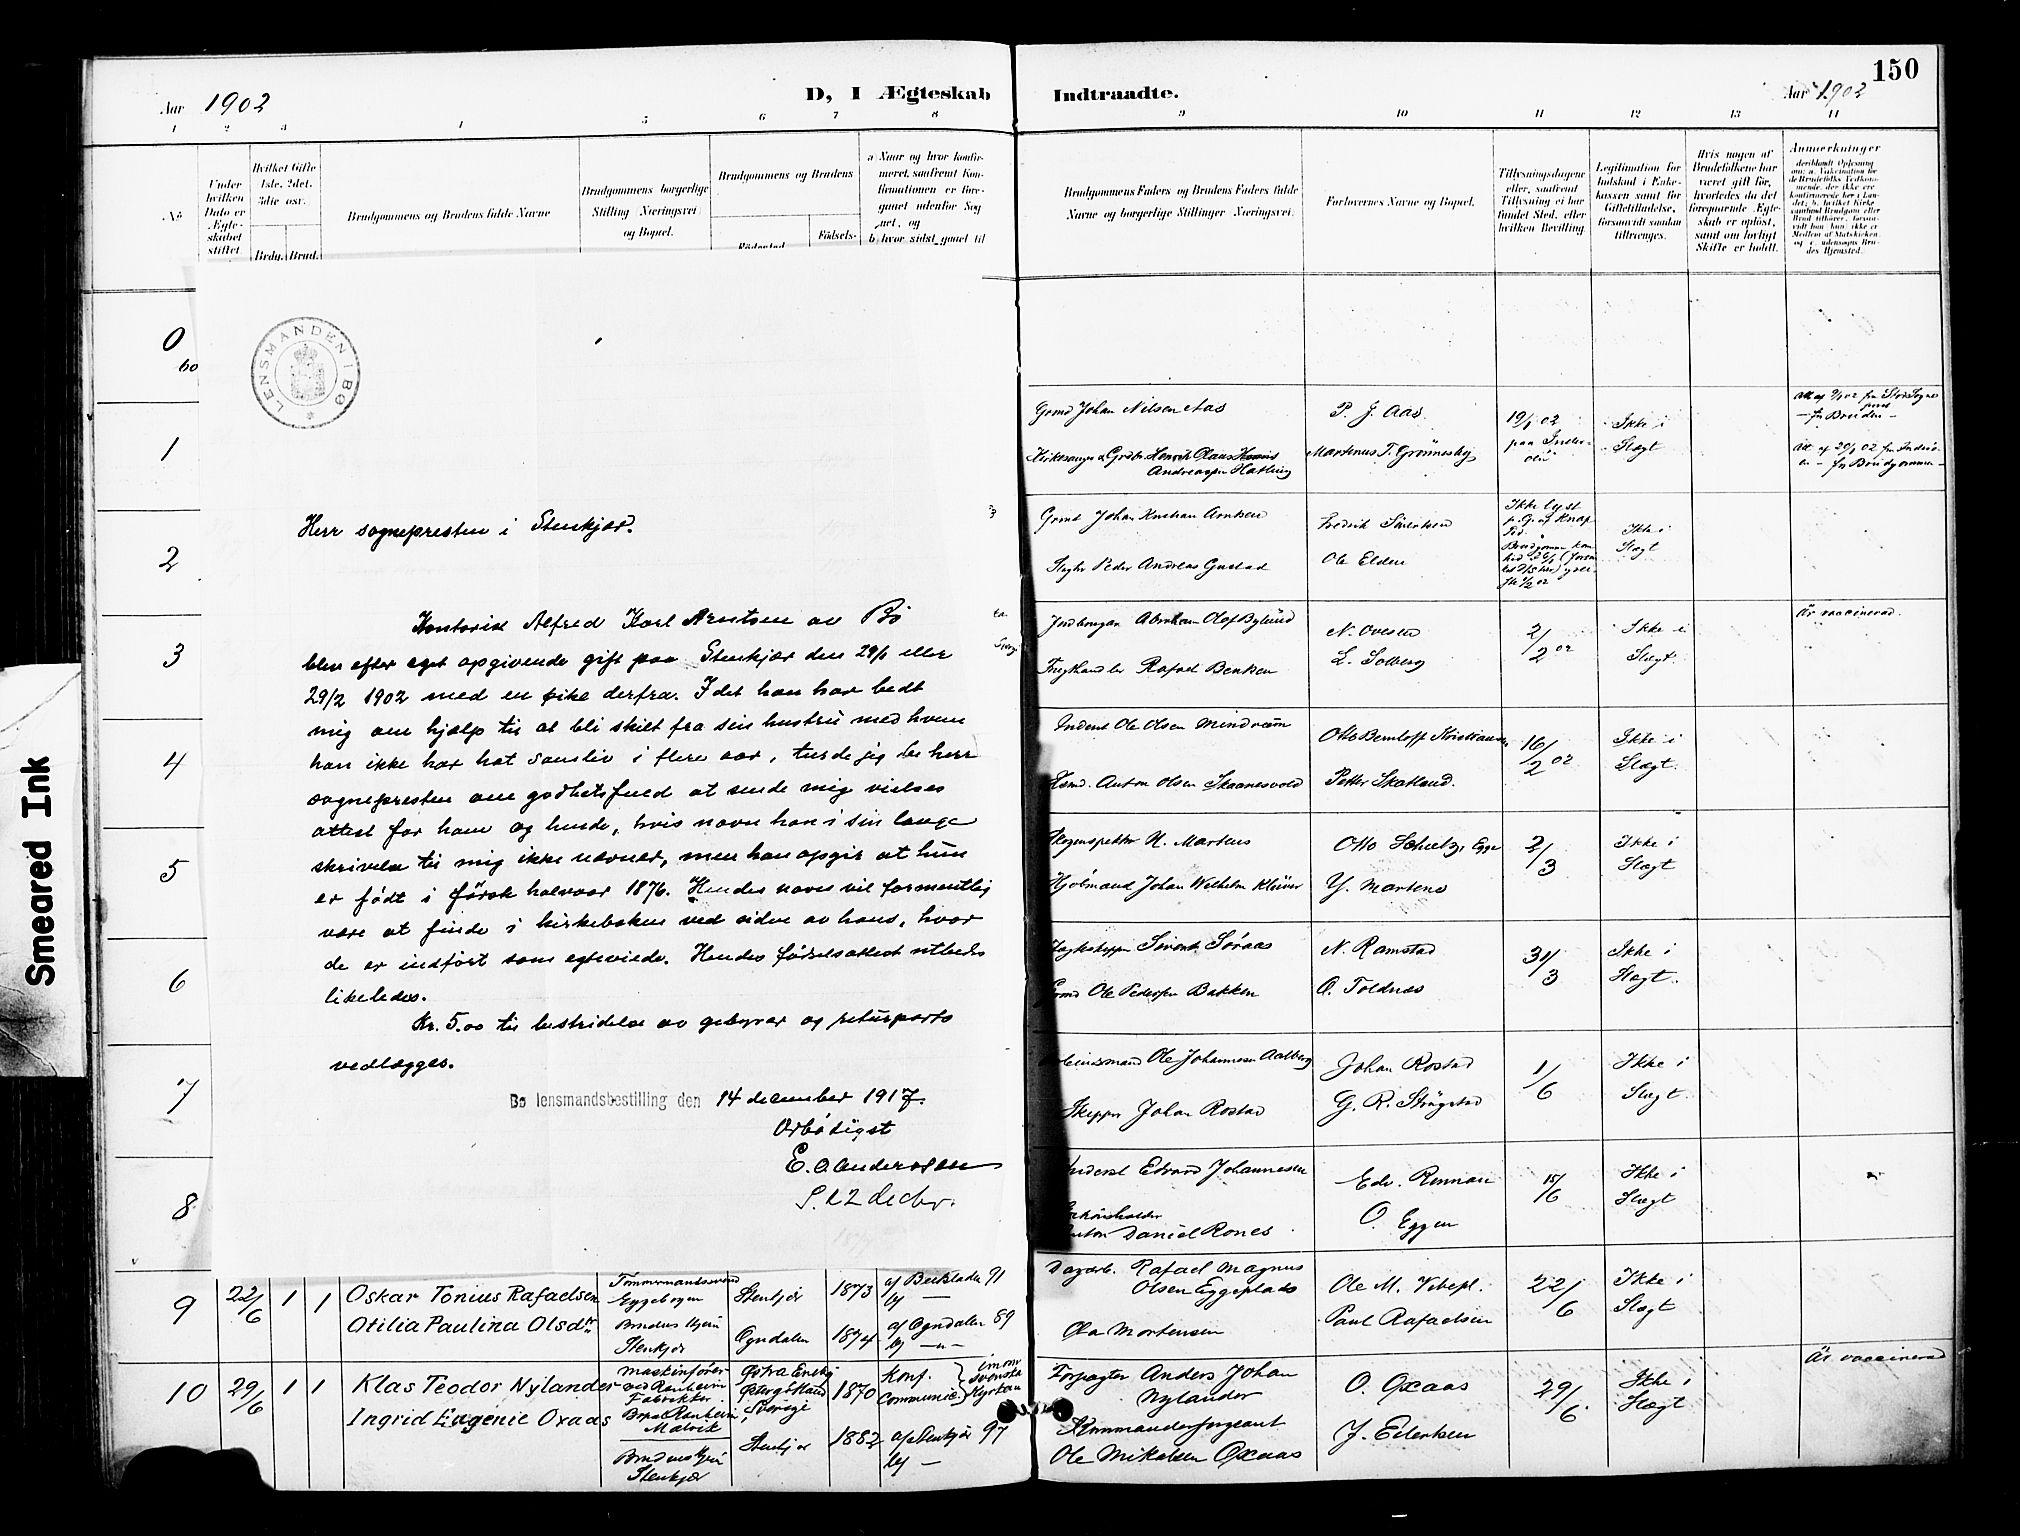 SAT, Ministerialprotokoller, klokkerbøker og fødselsregistre - Nord-Trøndelag, 739/L0372: Ministerialbok nr. 739A04, 1895-1903, s. 150